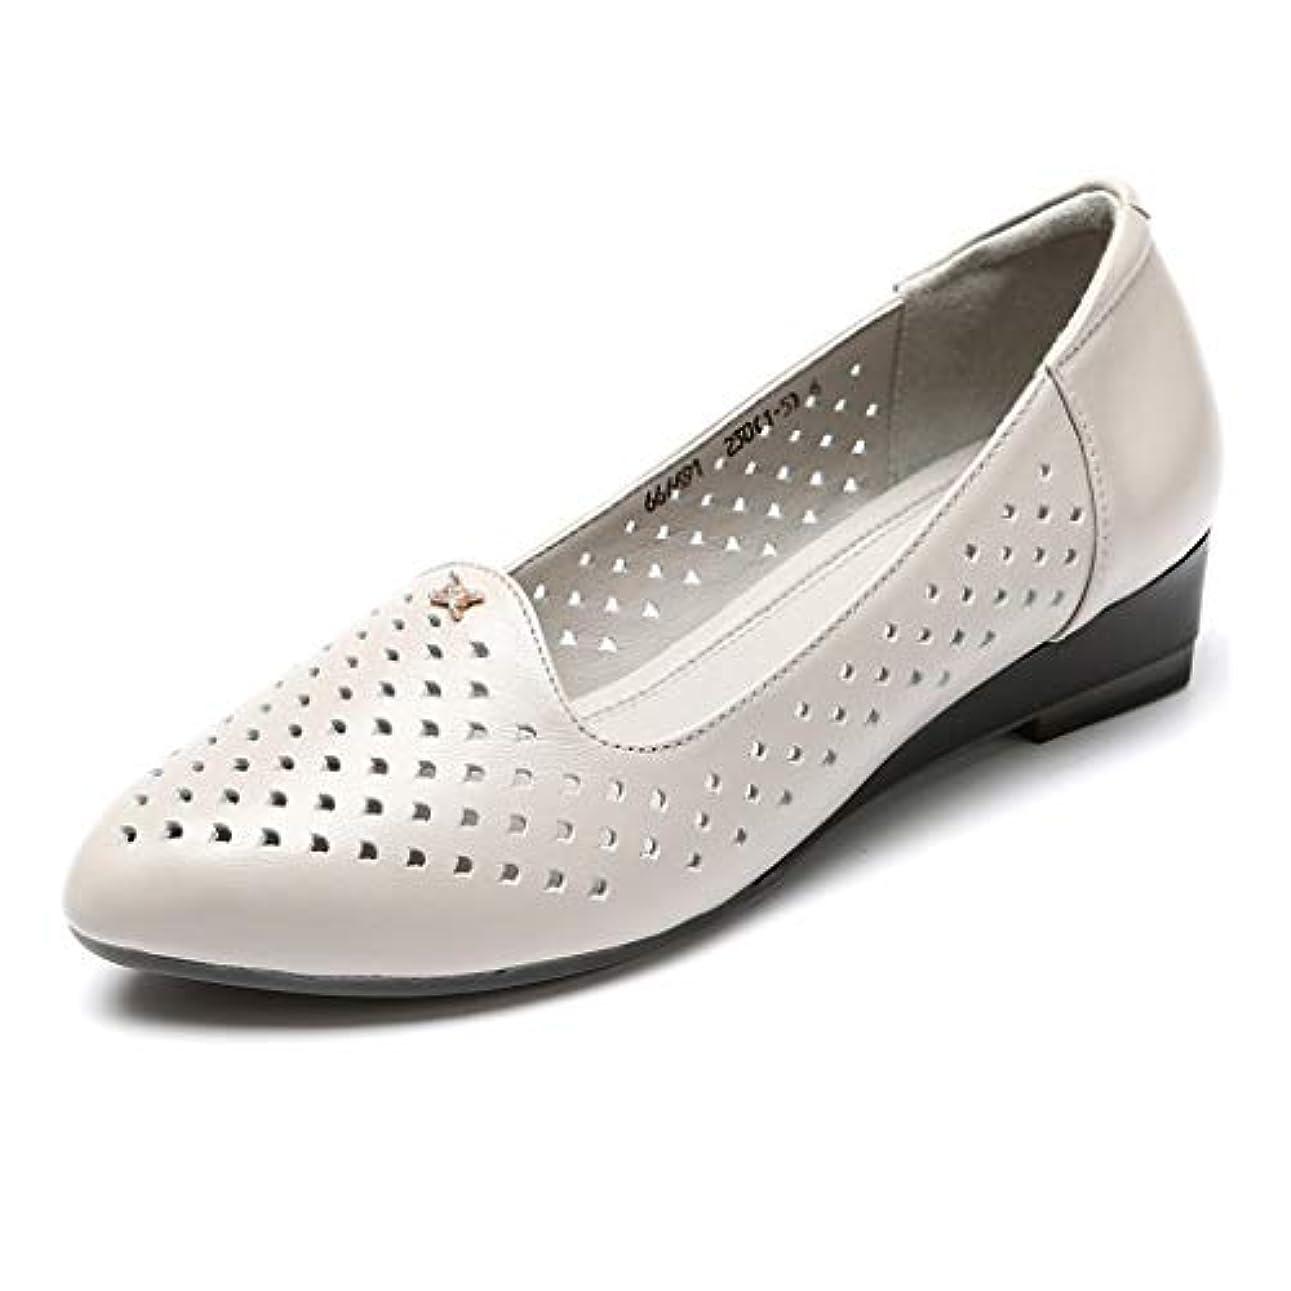 移行するより多い取り扱い[実りの秋] シニアシューズ レディース 25.0CMまで お年寄りシューズ 疲れにくい 滑り止め 婦人靴 モカシン 介護用 軽量 安定感 通気性 高齢者 母の日 敬老の日 通年